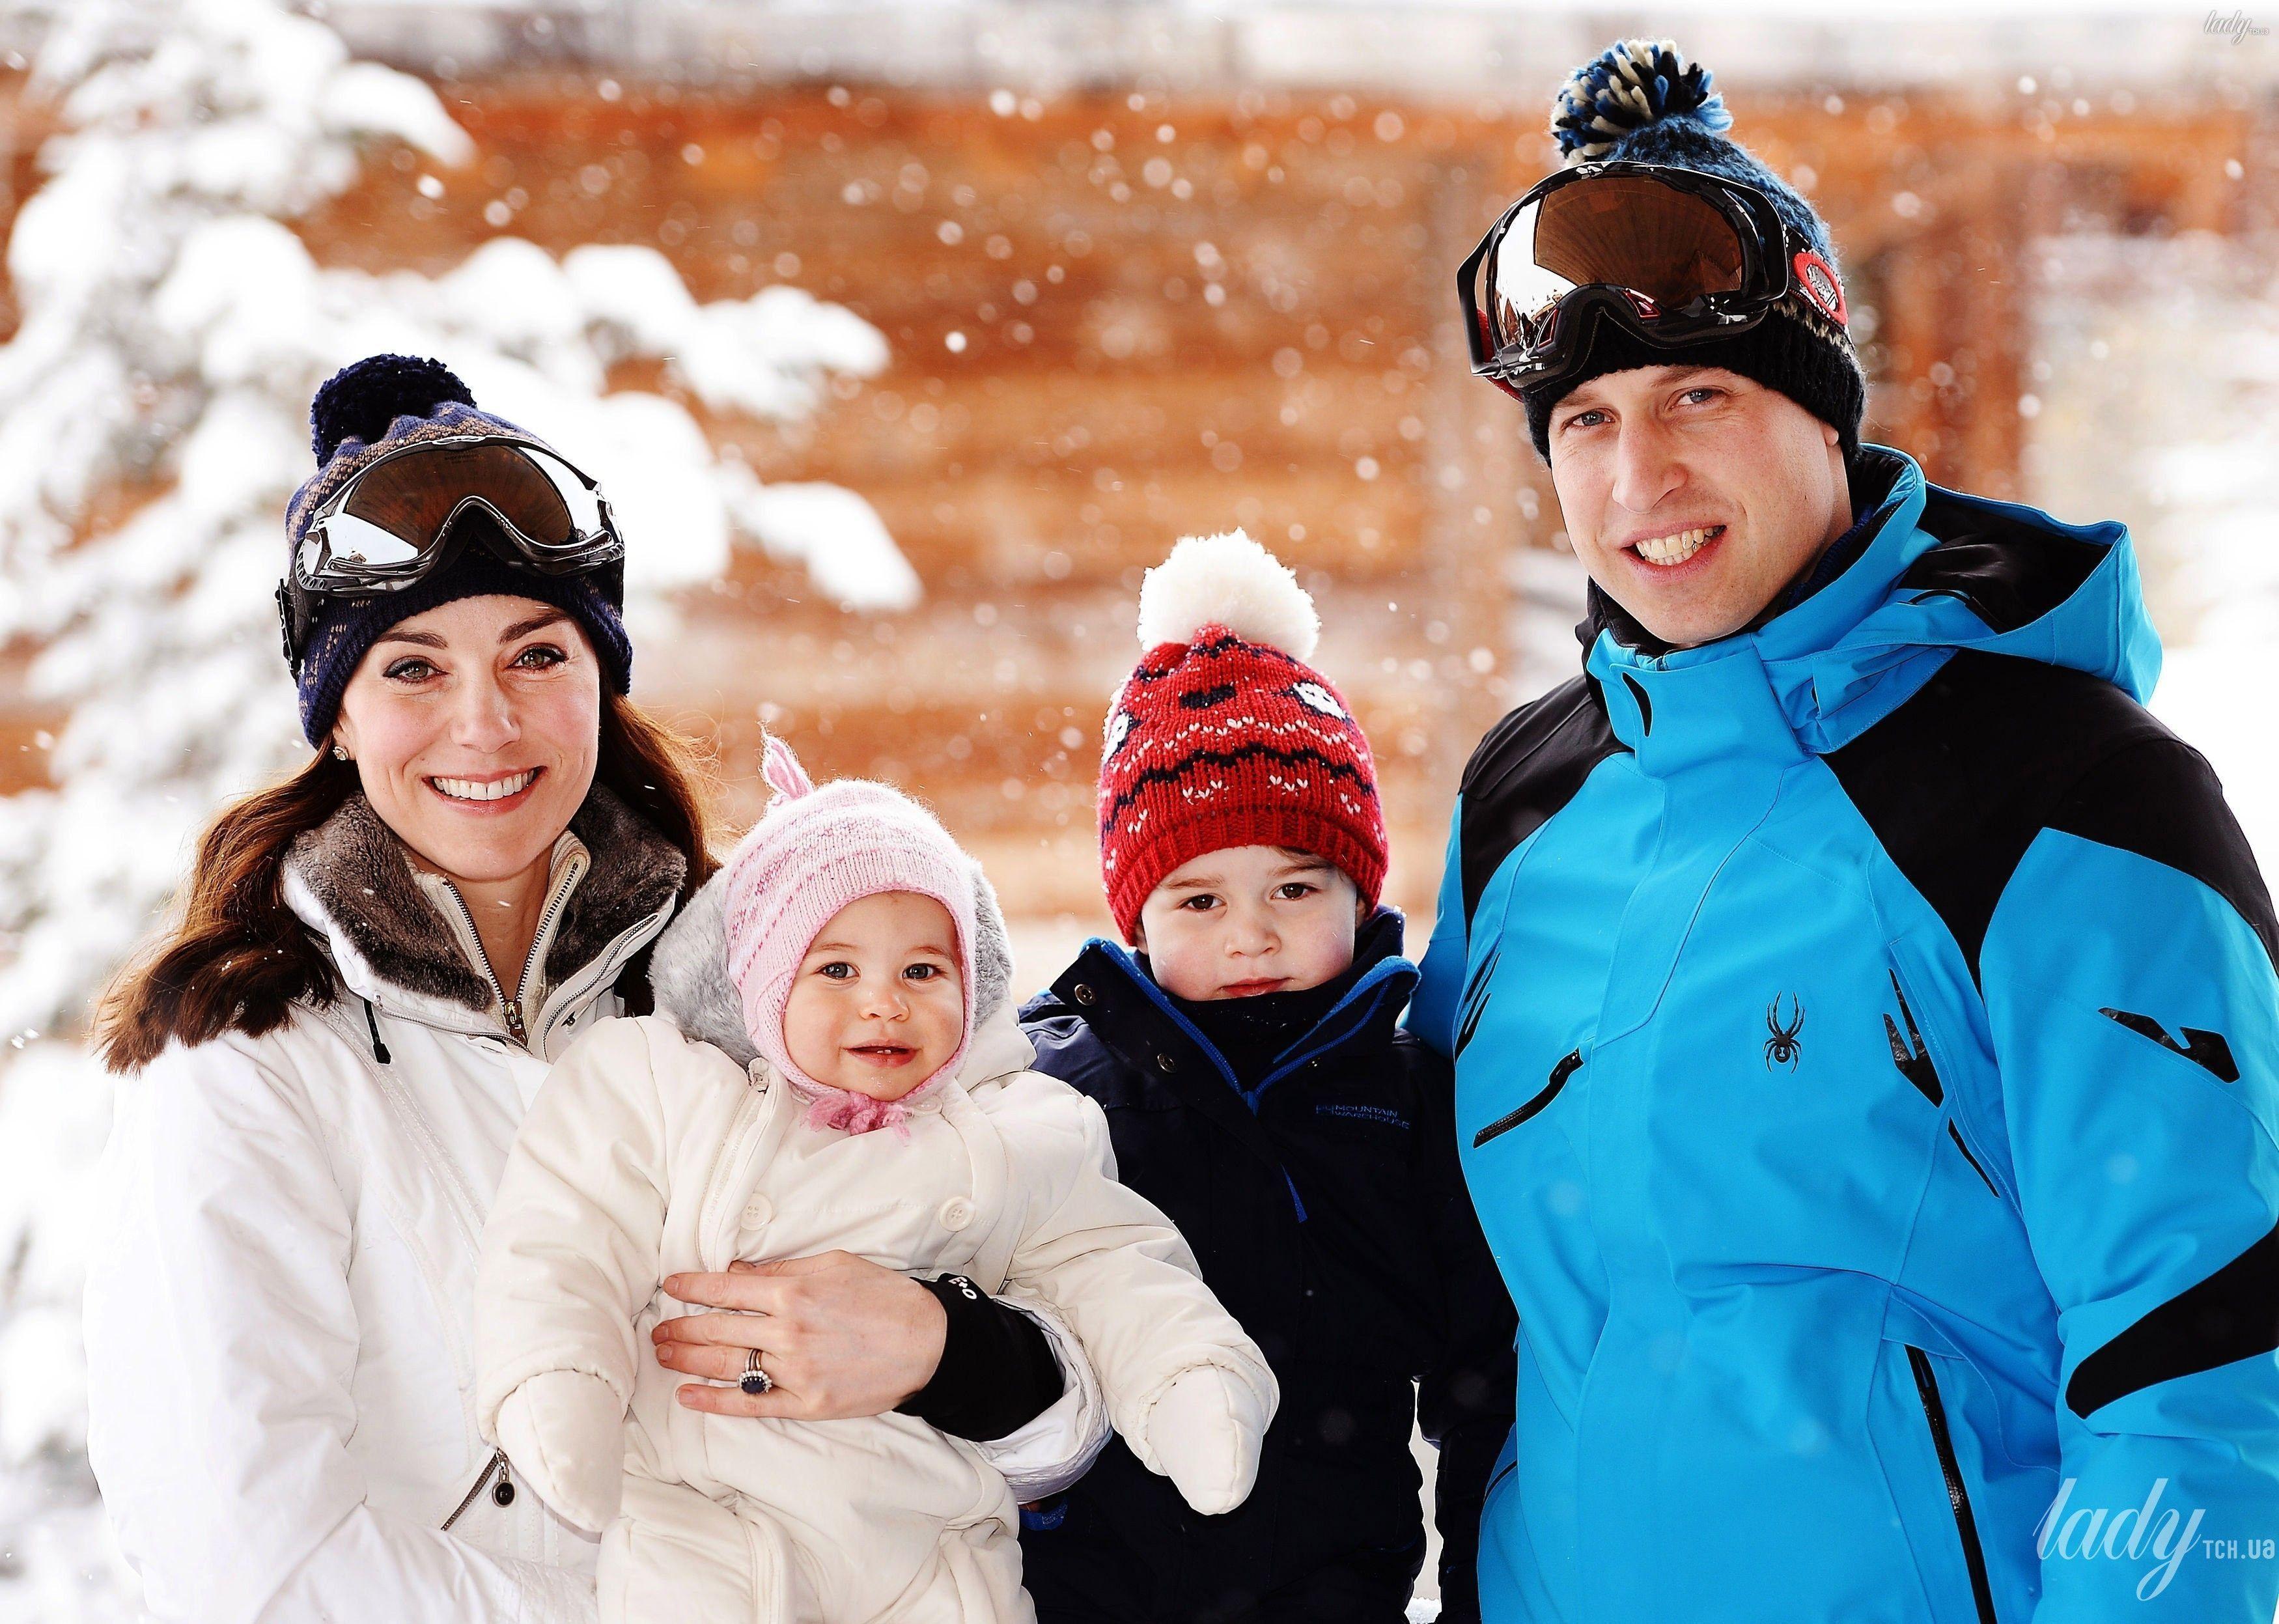 Герцогиня Кембриджская и принц Уильям с детьми